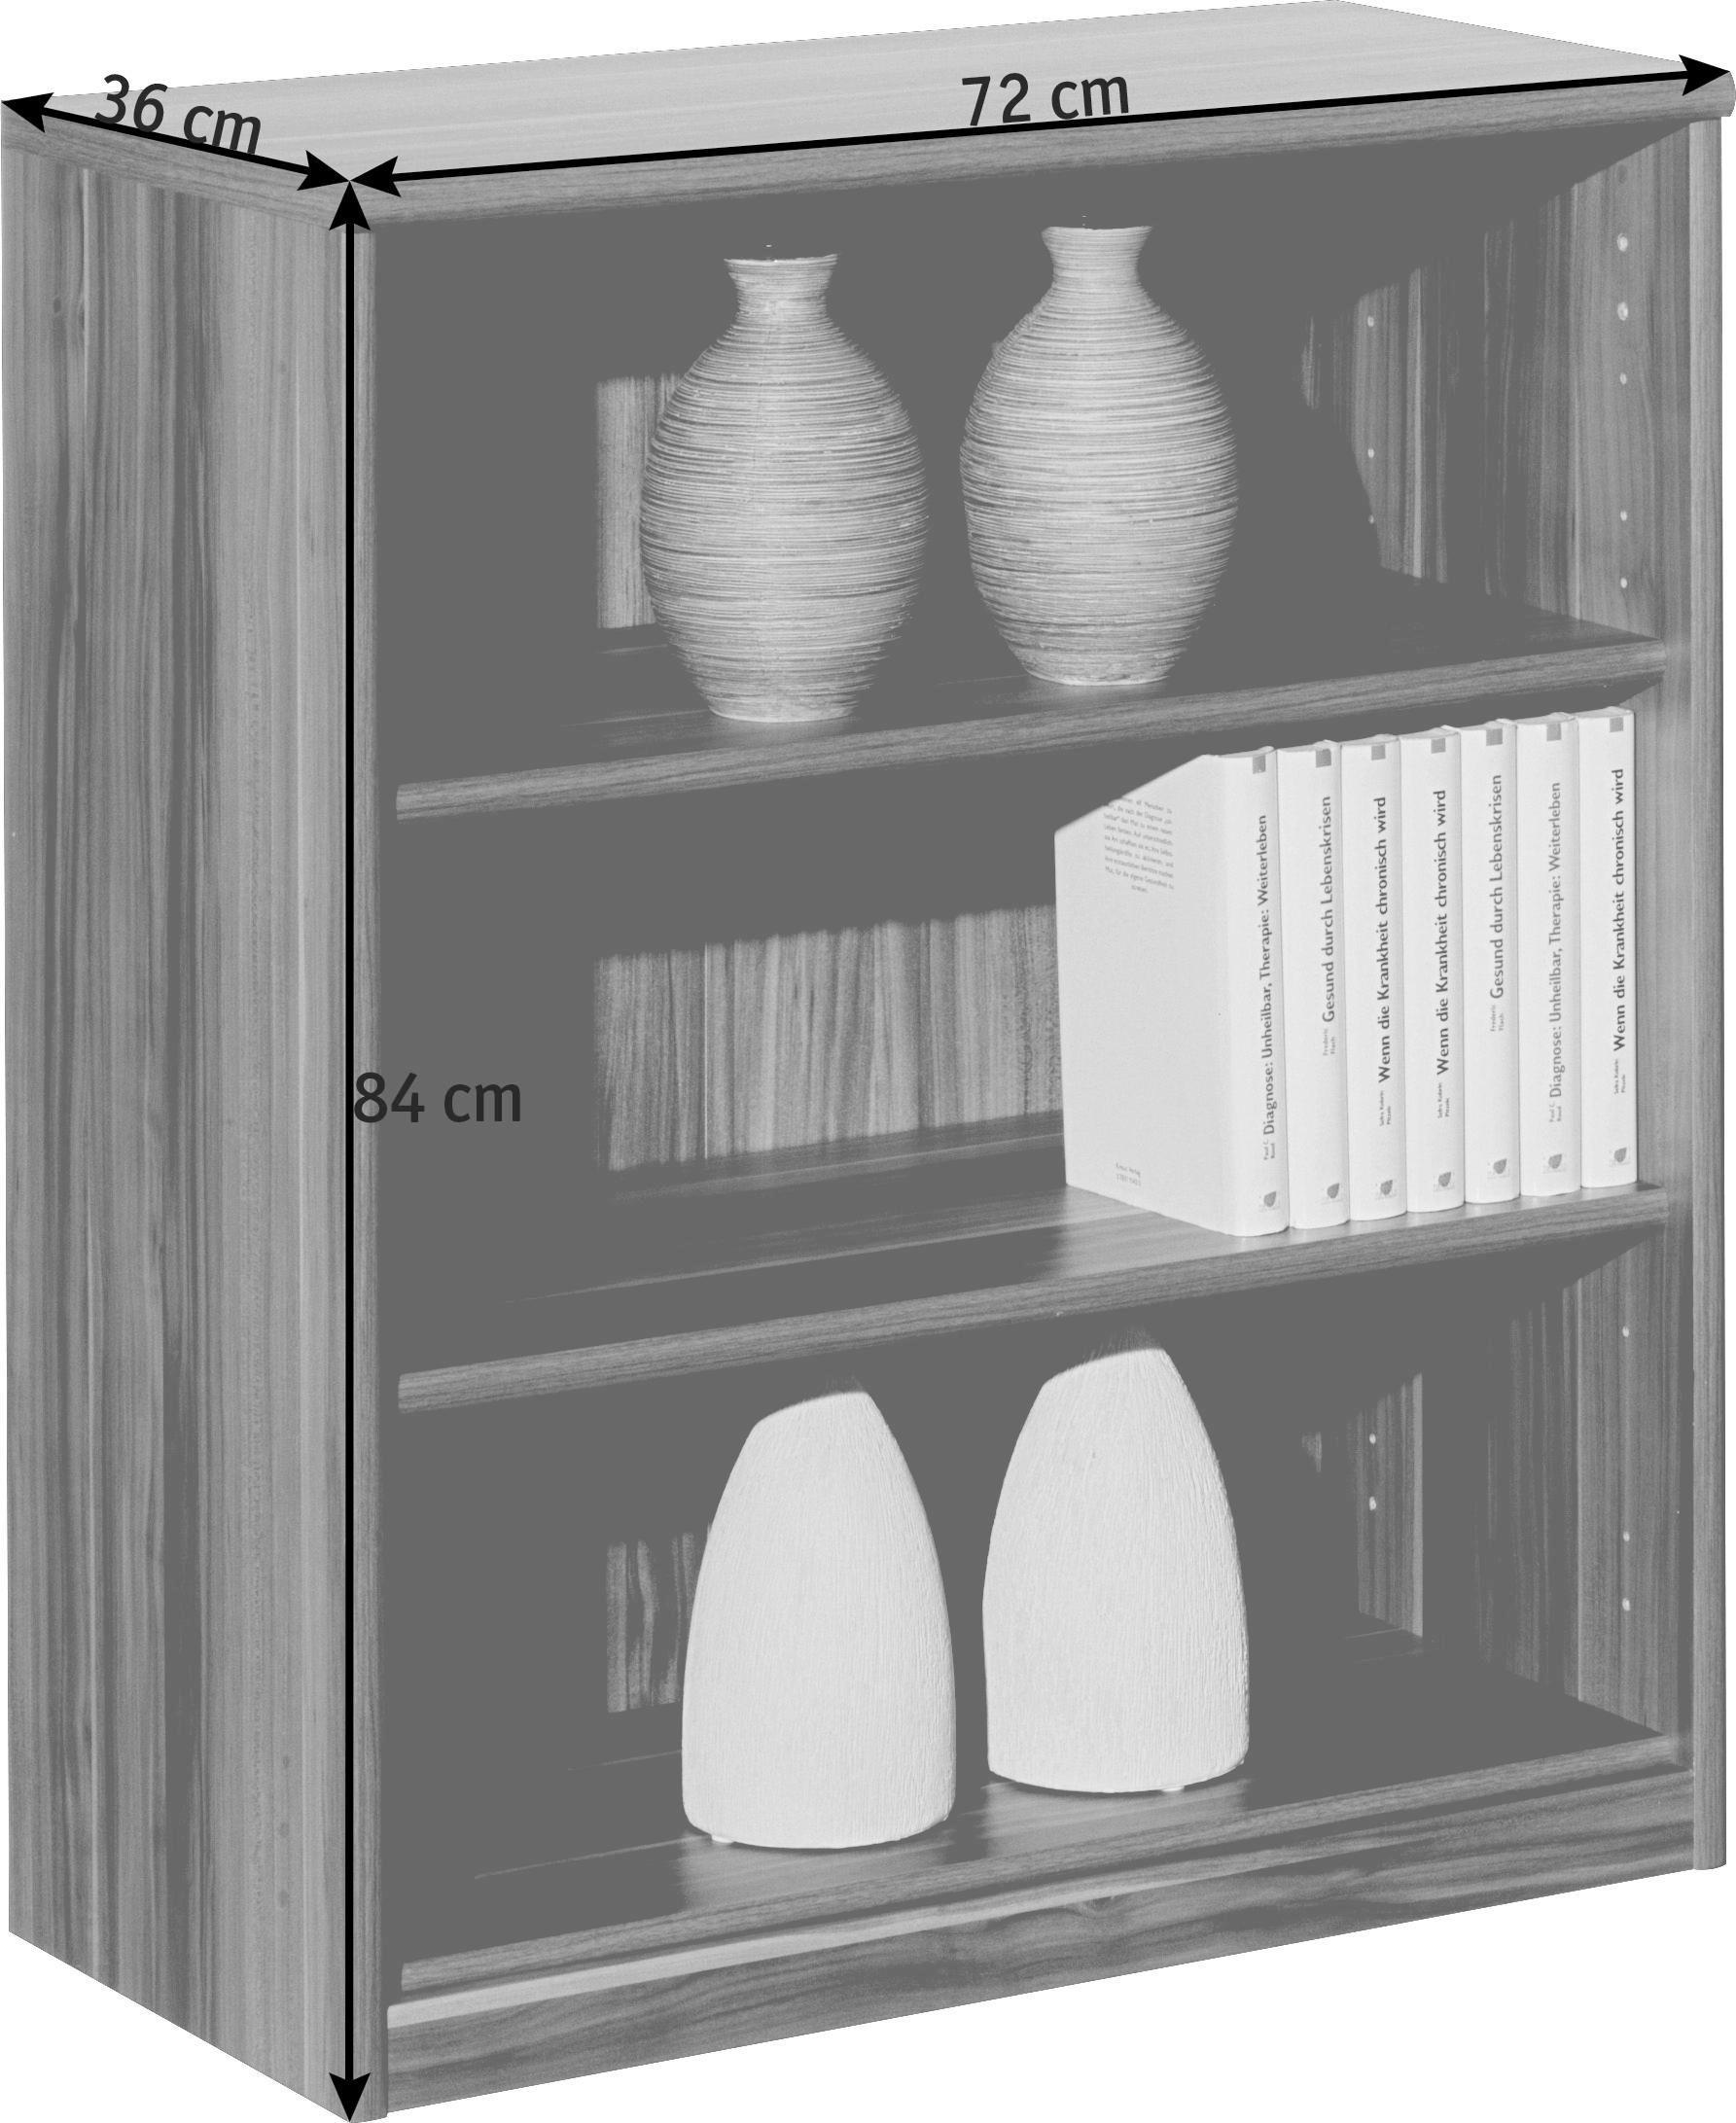 REGAL in 72/84/36 cm Ahornfarben - Ahornfarben, KONVENTIONELL, Holzwerkstoff (72/84/36cm) - CS SCHMAL